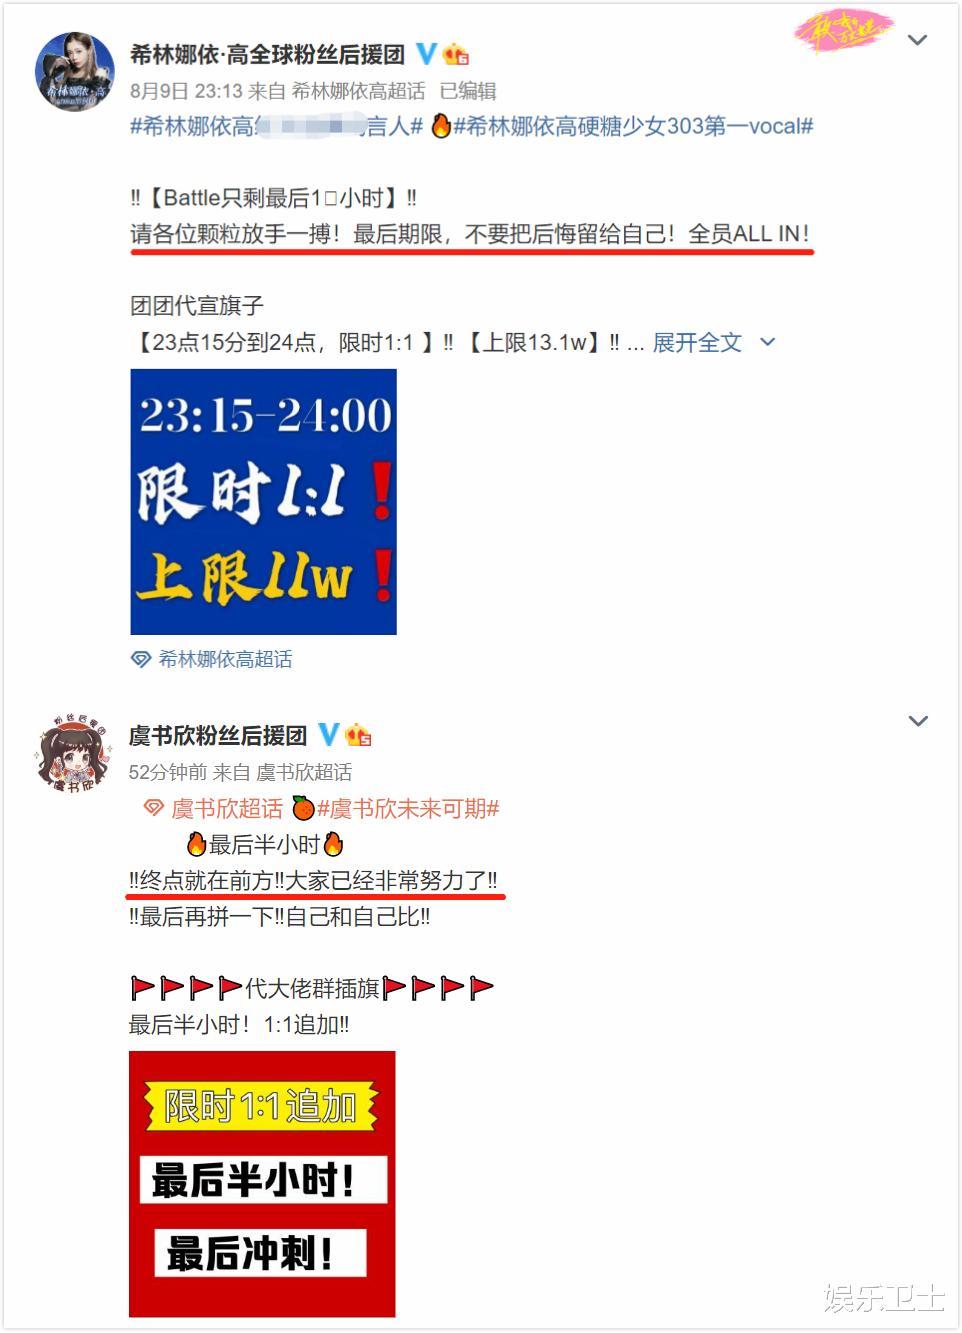 硬糖少女希林對戰THE9虞書欣謝可寅,三傢粉絲PK星耀舞臺,虞書欣實慘-圖8